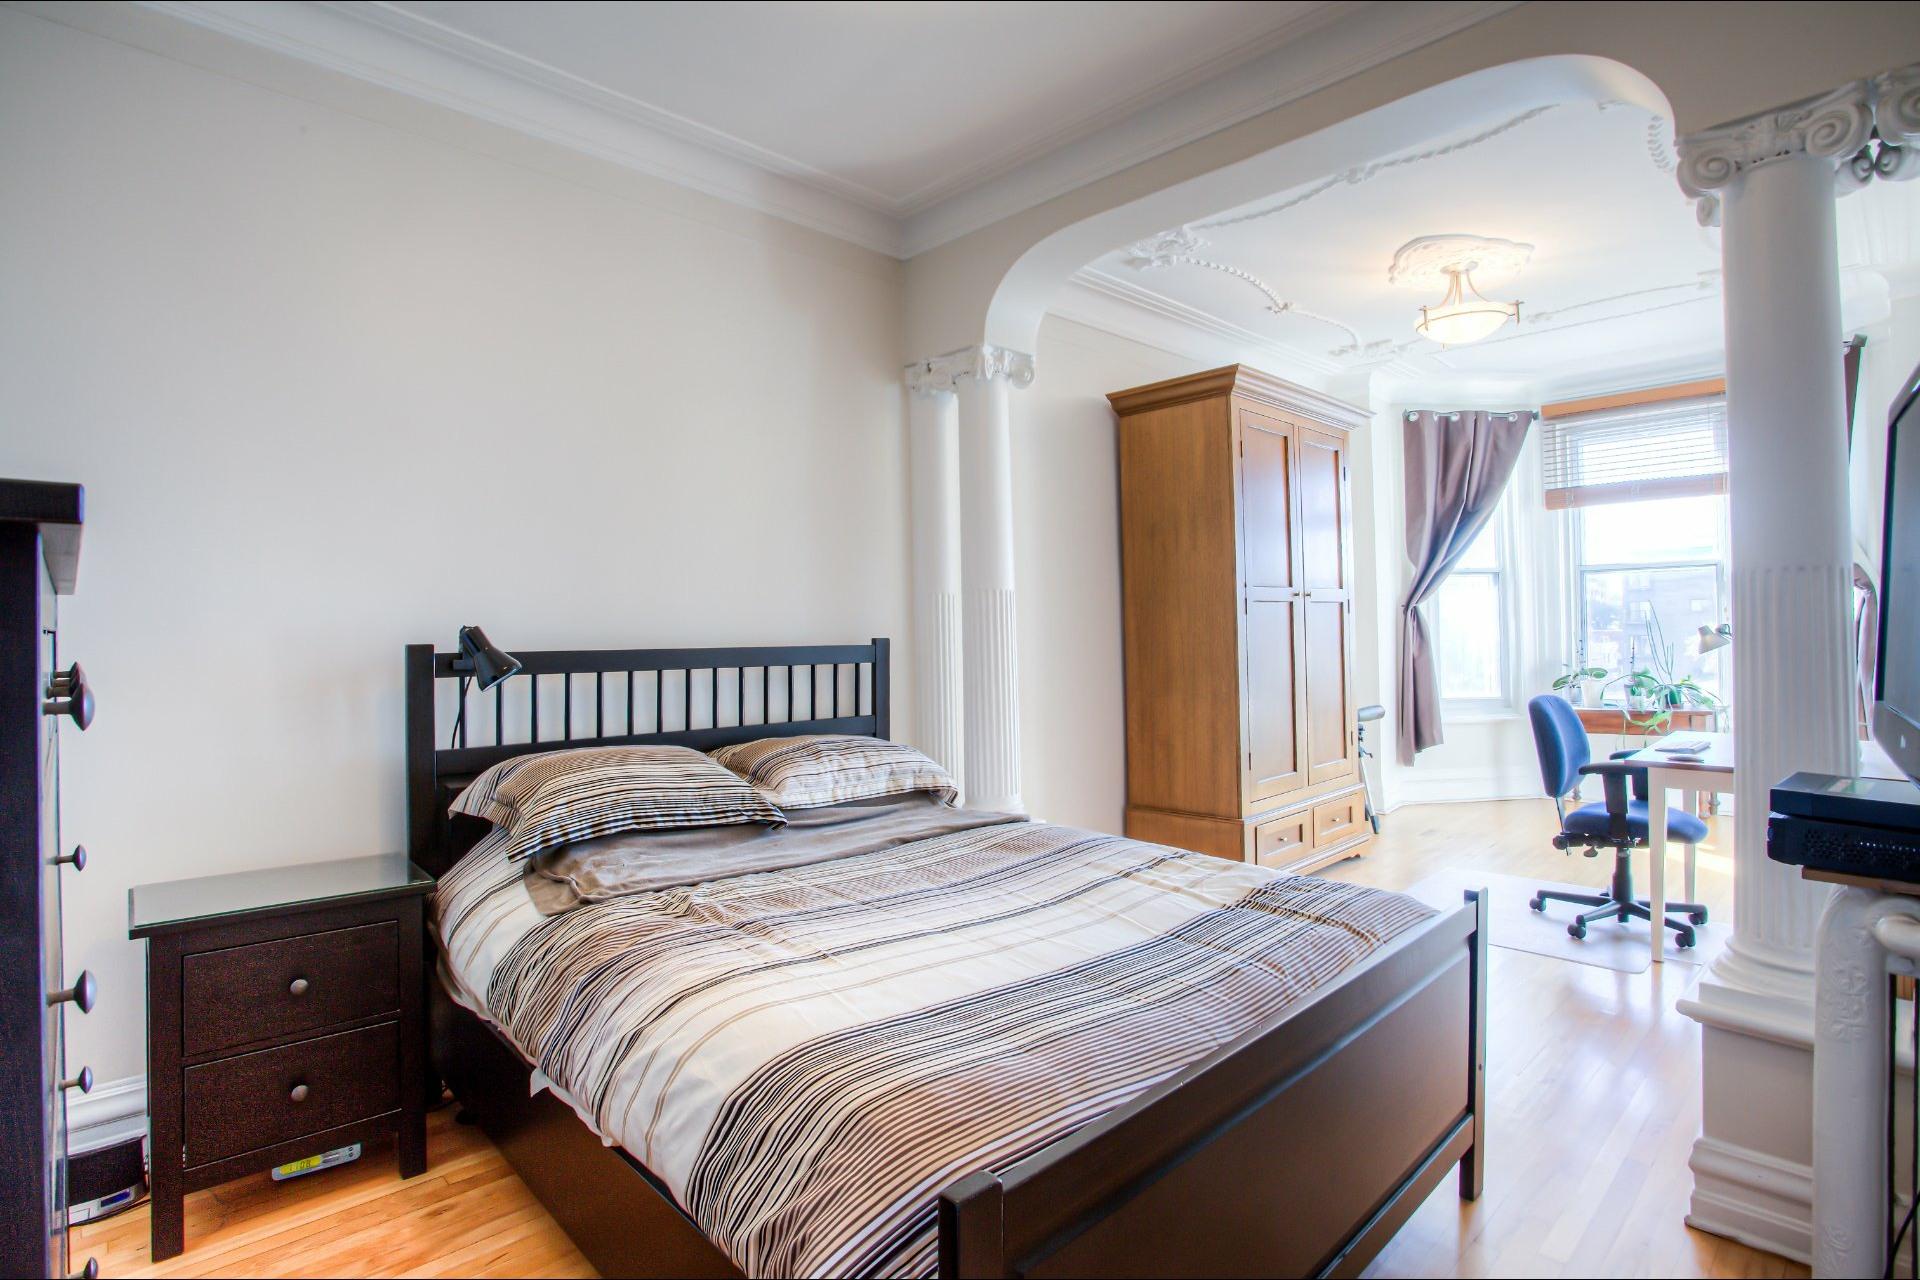 image 6 - Appartement À vendre Rosemont/La Petite-Patrie Montréal  - 8 pièces